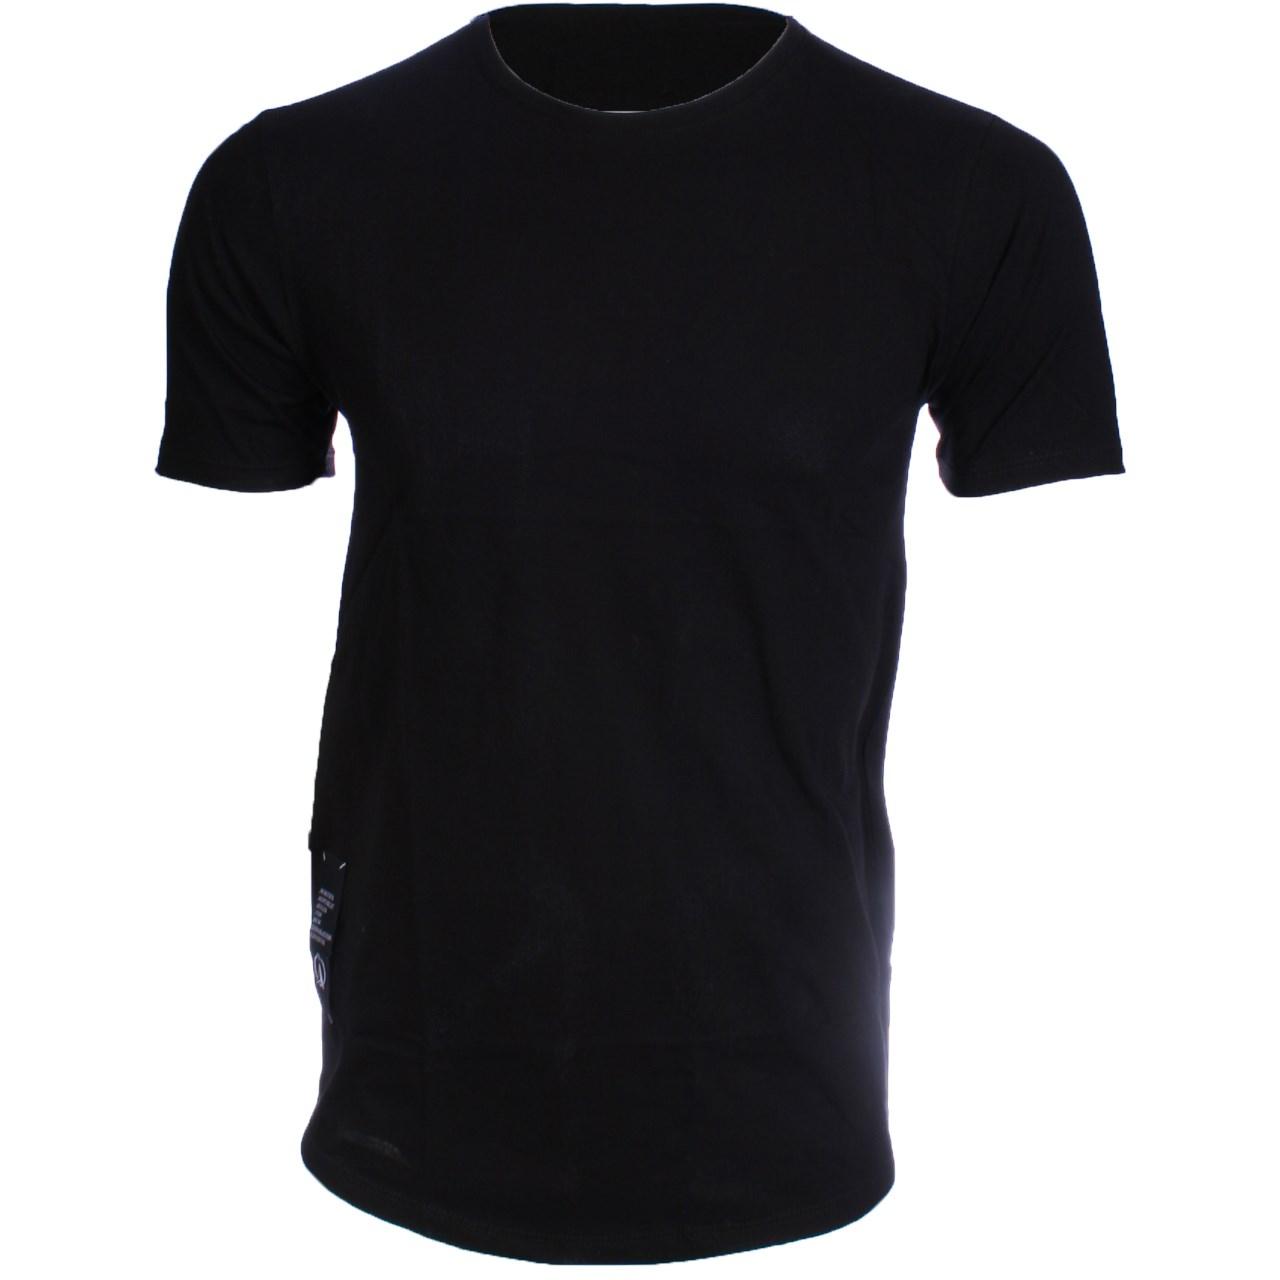 تی شرت مردانه NORTHS REPUBLIC کدT37